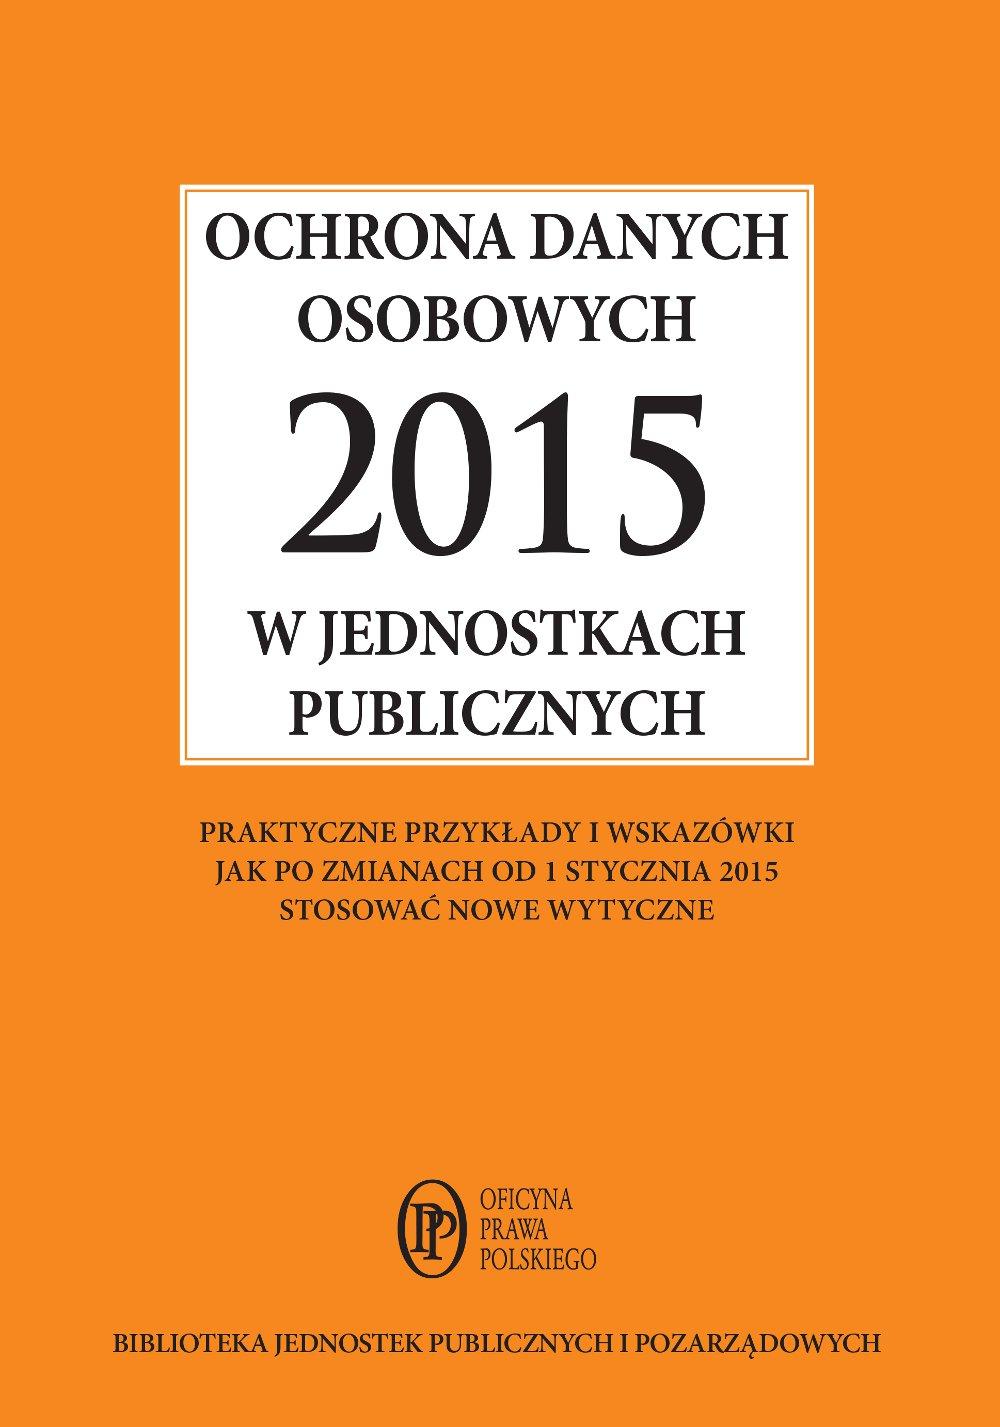 Ochrona danych osobowych 2015 w jednostkach publicznych - praktyczne przykłady i wskazówki jak po zmianach od 1 stycznia 2015 stosować nowe wytyczne - Ebook (Książka na Kindle) do pobrania w formacie MOBI